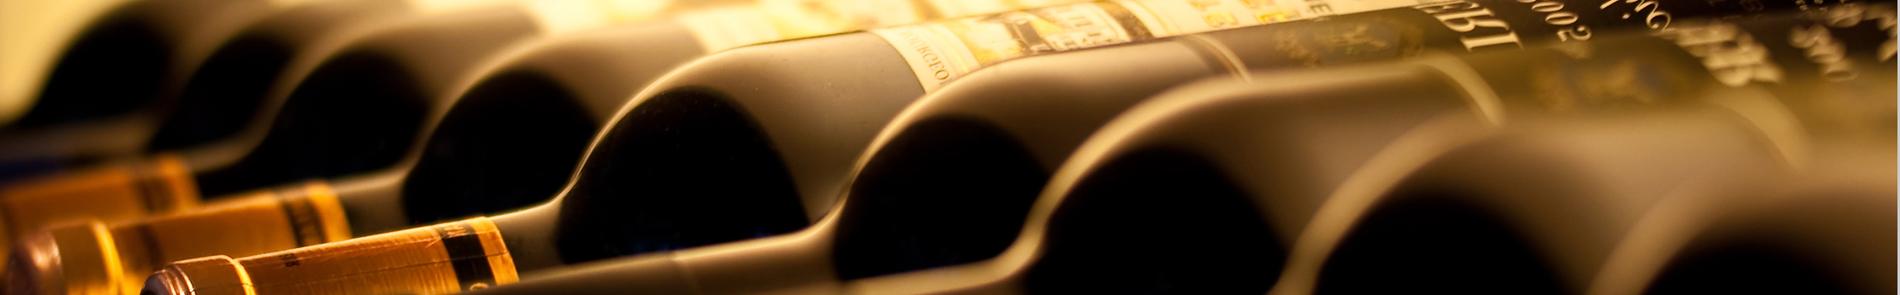 Wine-Versteigen